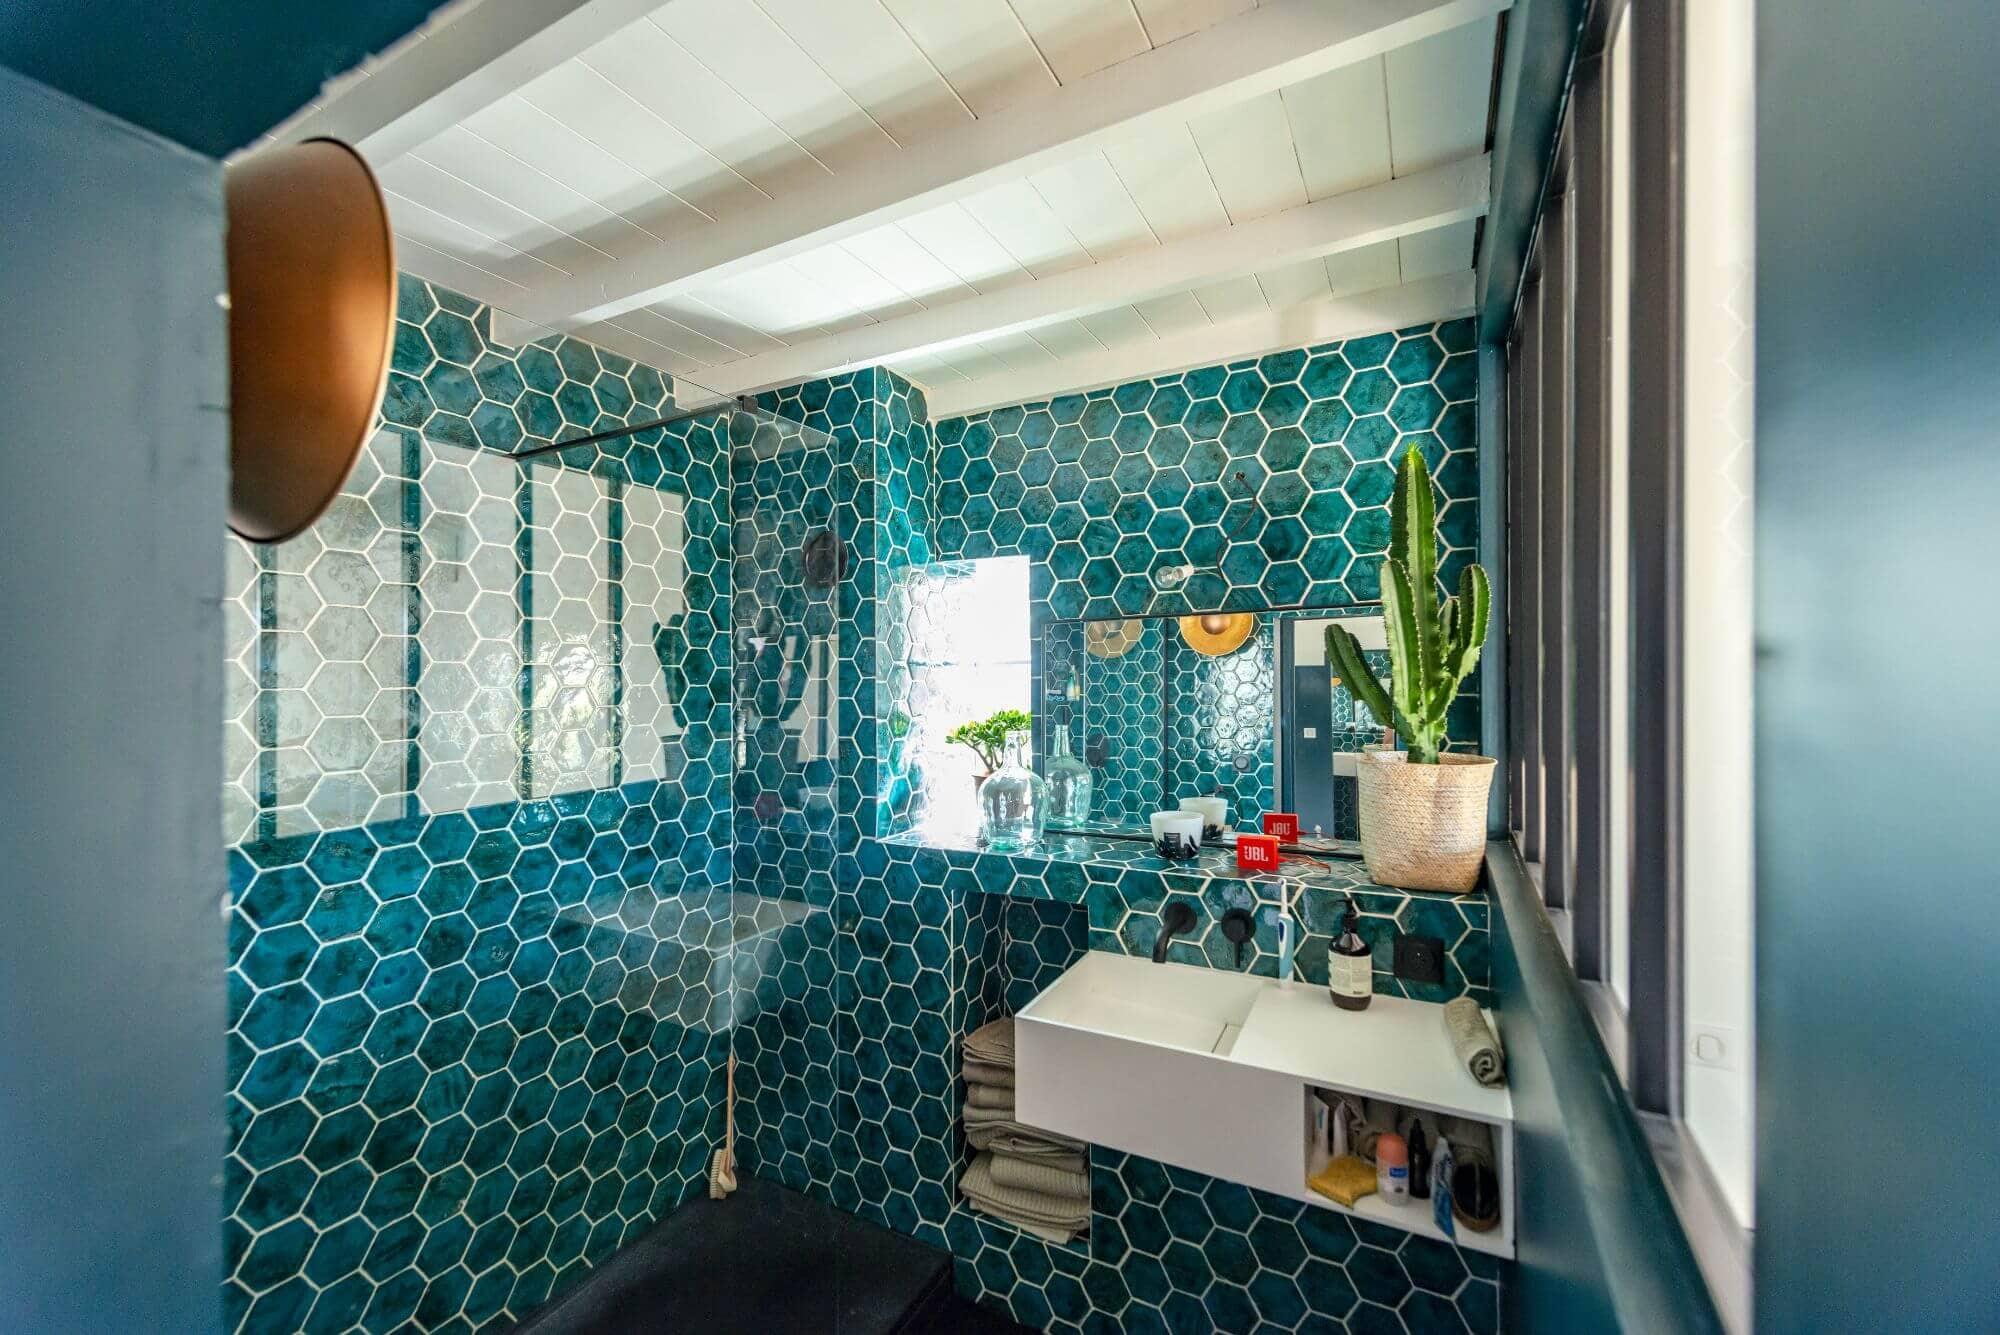 Receveur de douche, Salle de bain, Carrelage bleu